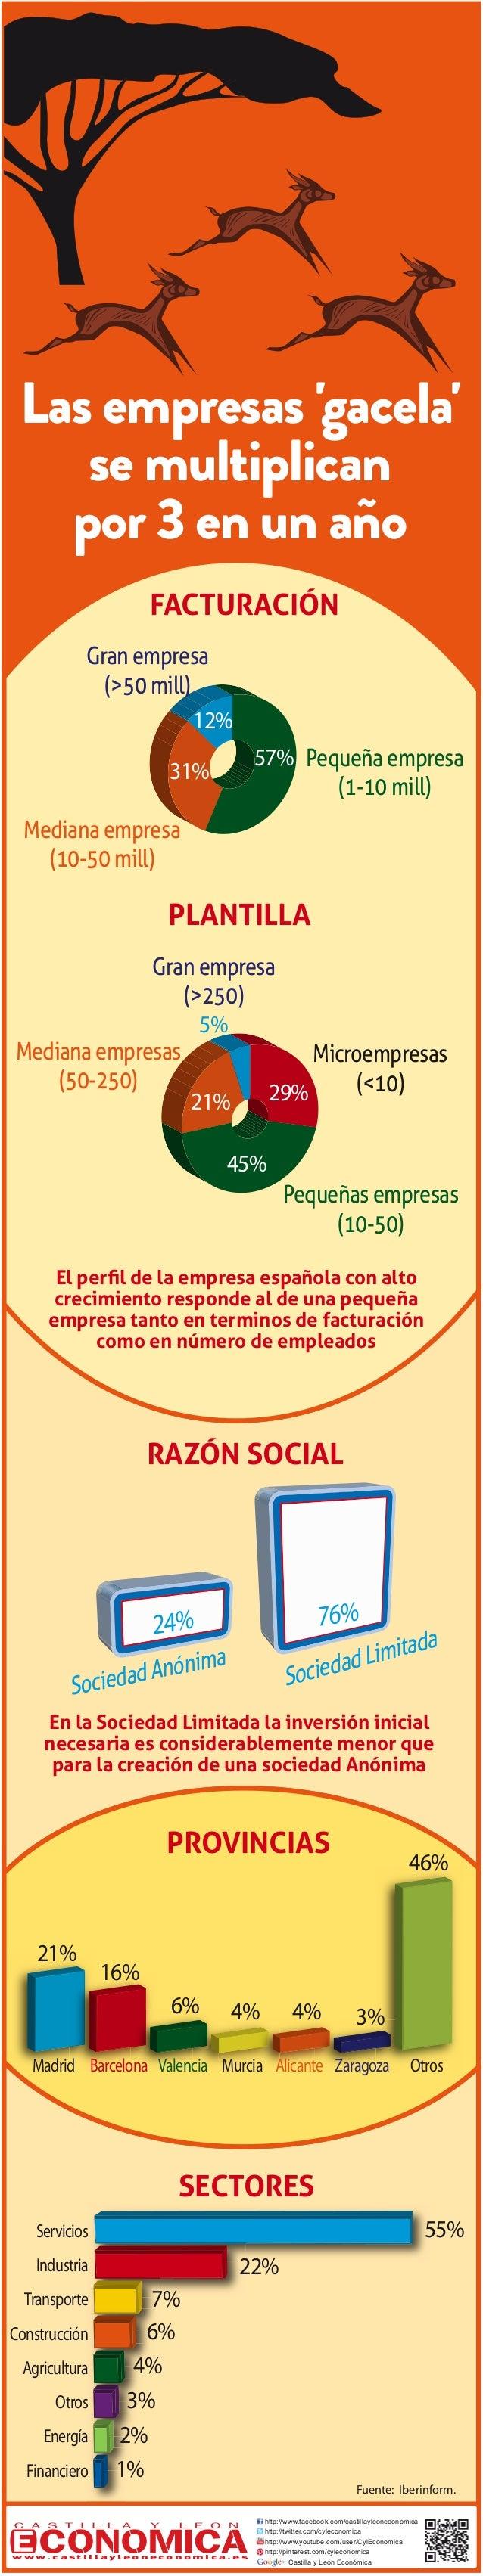 Las empresas 'gacela' se multiplican por 3 en un año Fuente: Iberinform. FACTURACIÓN 57% 12% 31% Pequeña empresa (1-10 mil...